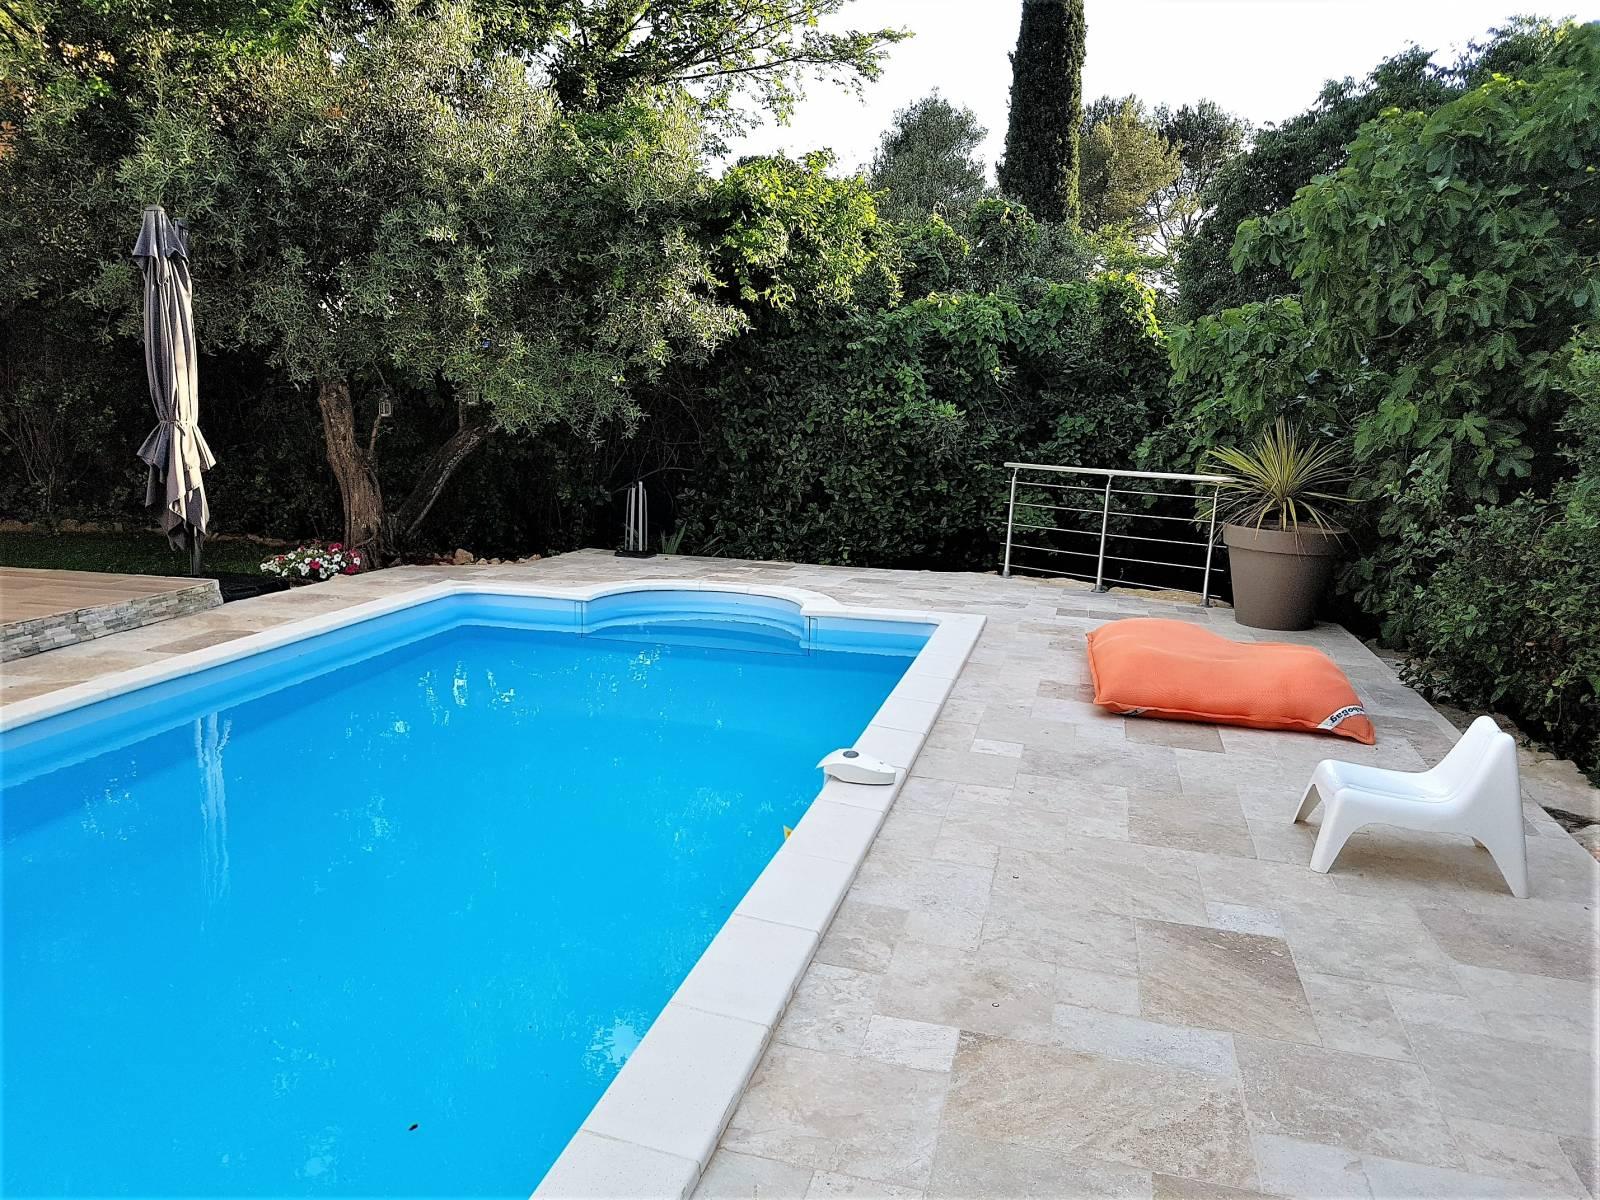 Dallage et margelles b ton jce piscines for Constructeur piscine beton var